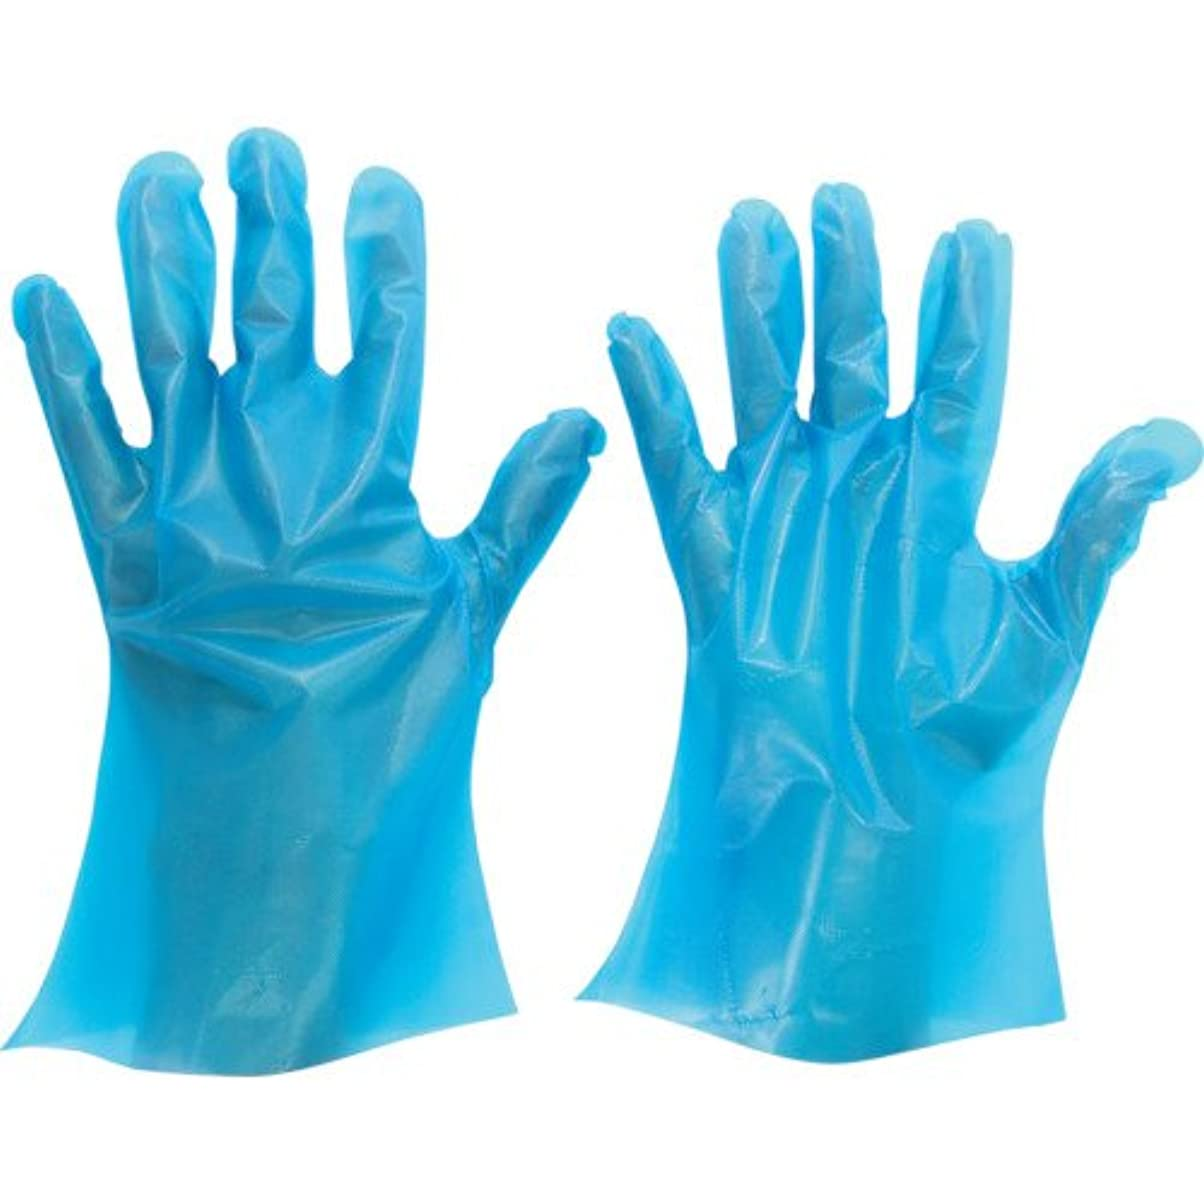 ルーキー町無視ミドリ安全 ポリエチレン使い捨て手袋 厚手 外エンボス 200枚入 青 L VERTE566NL